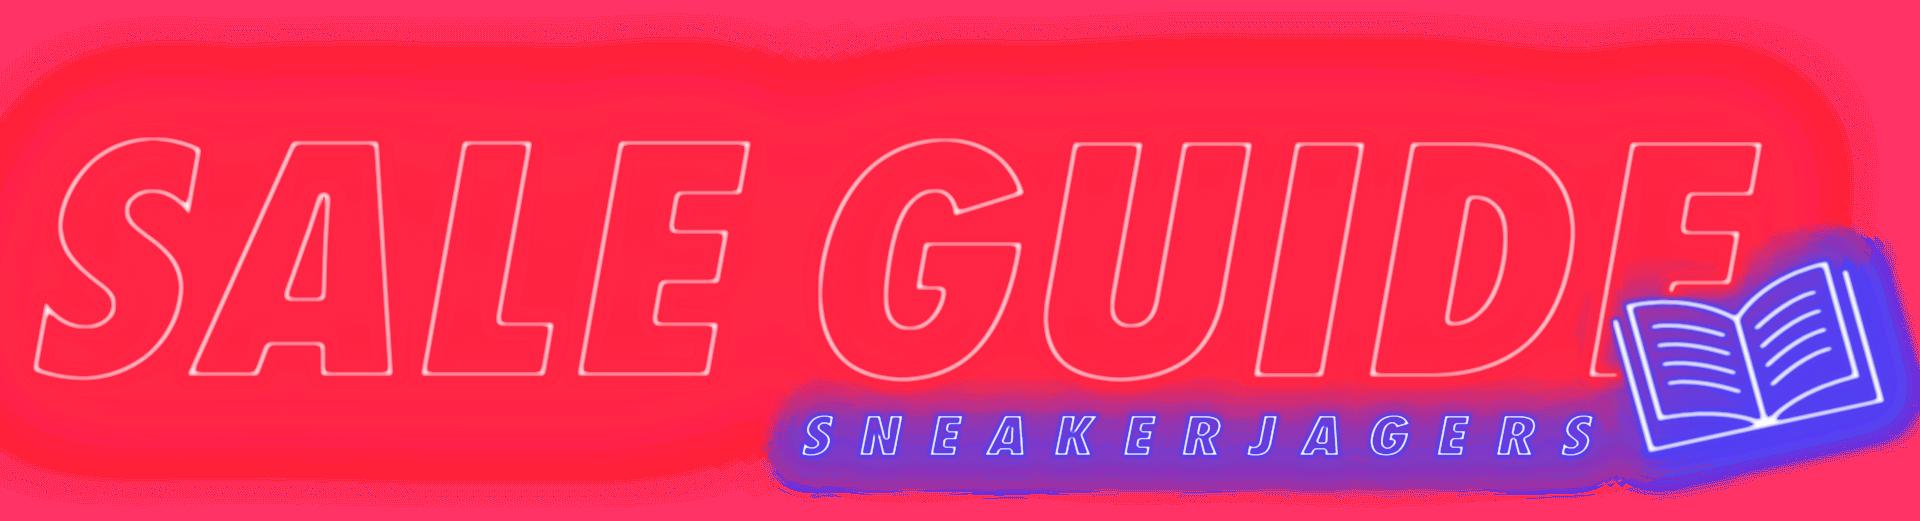 Sneakerjagers Sale Guide